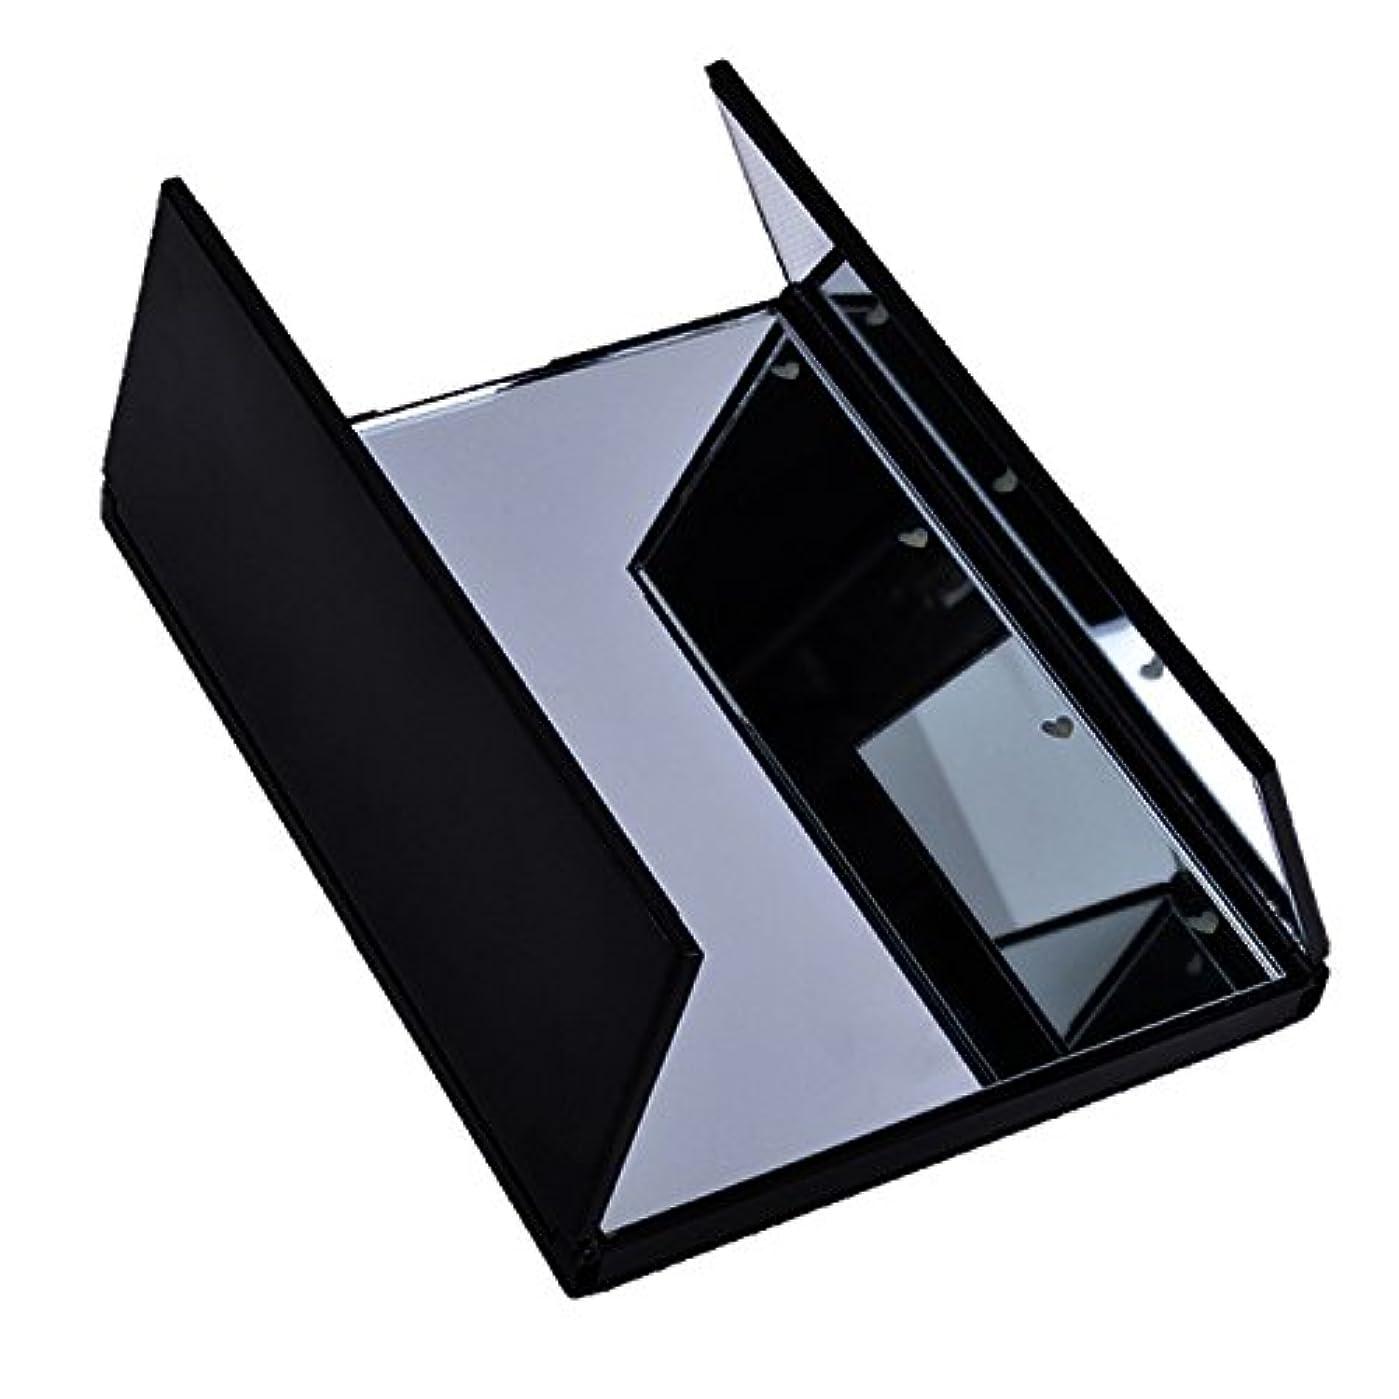 ボールライナーナインへled化粧鏡 卓上鏡 LED照明付き 卓上 持ち運び便利 折り畳み式 鏡 LED8個搭載 化粧鏡 LEDライト三面鏡 折りたたみ式 タッチパネル 三面鏡 ブラック ファション